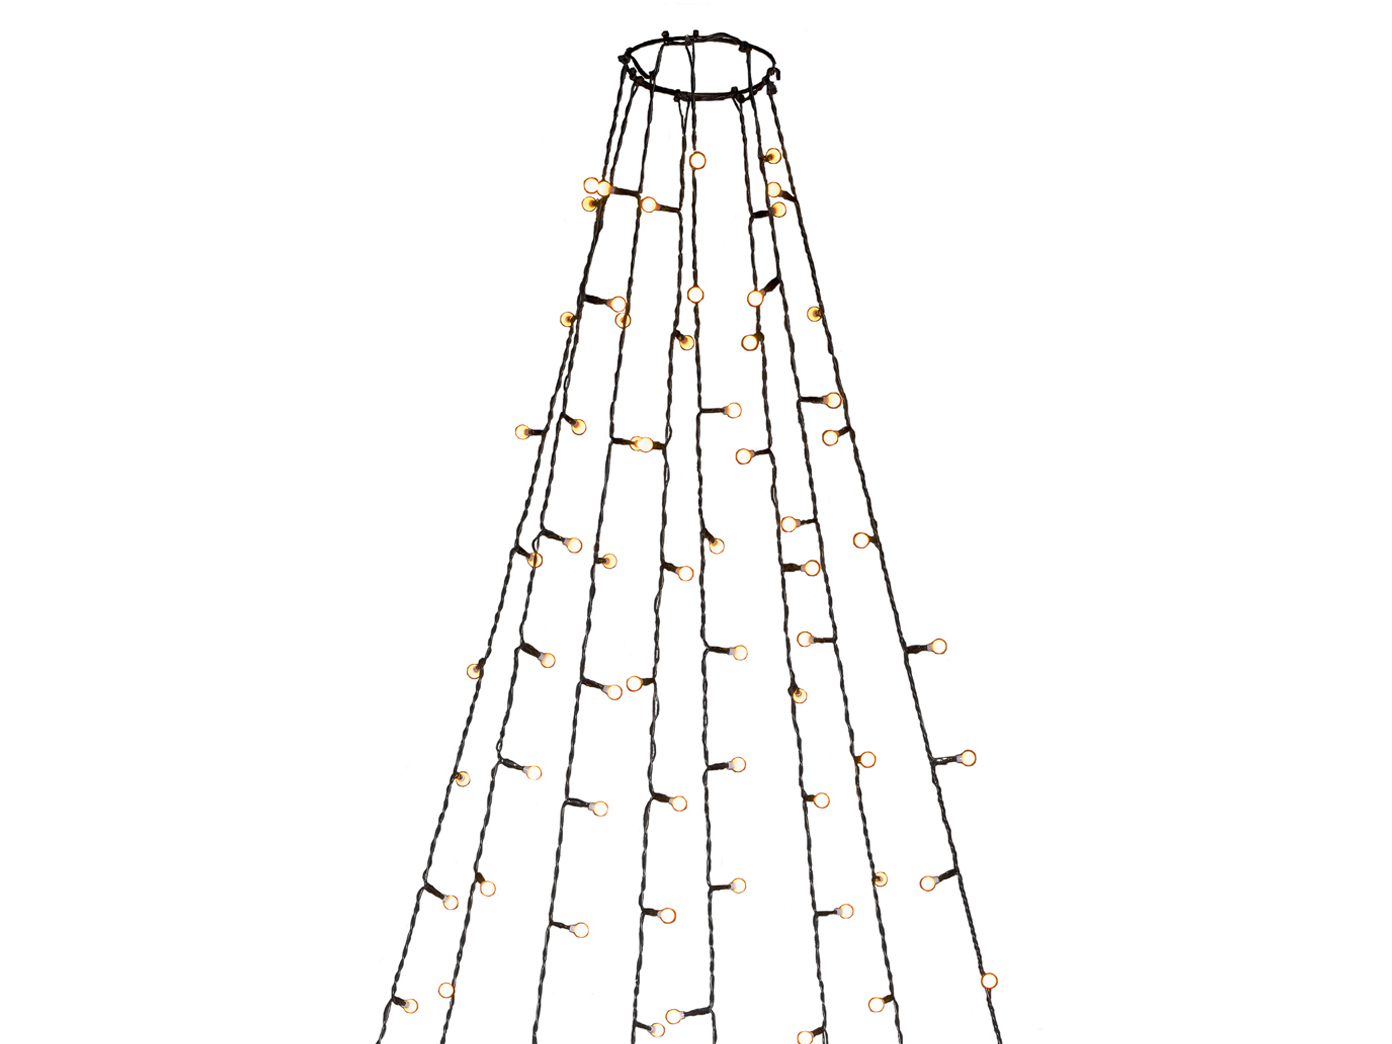 Lichterkette Outoor 560 LED´s bernsteinfarben Christbaum Weihnachtsbaum Weihnachtsbaum Weihnachtsbaum Deko   Nutzen Sie Materialien voll aus  58e3ea